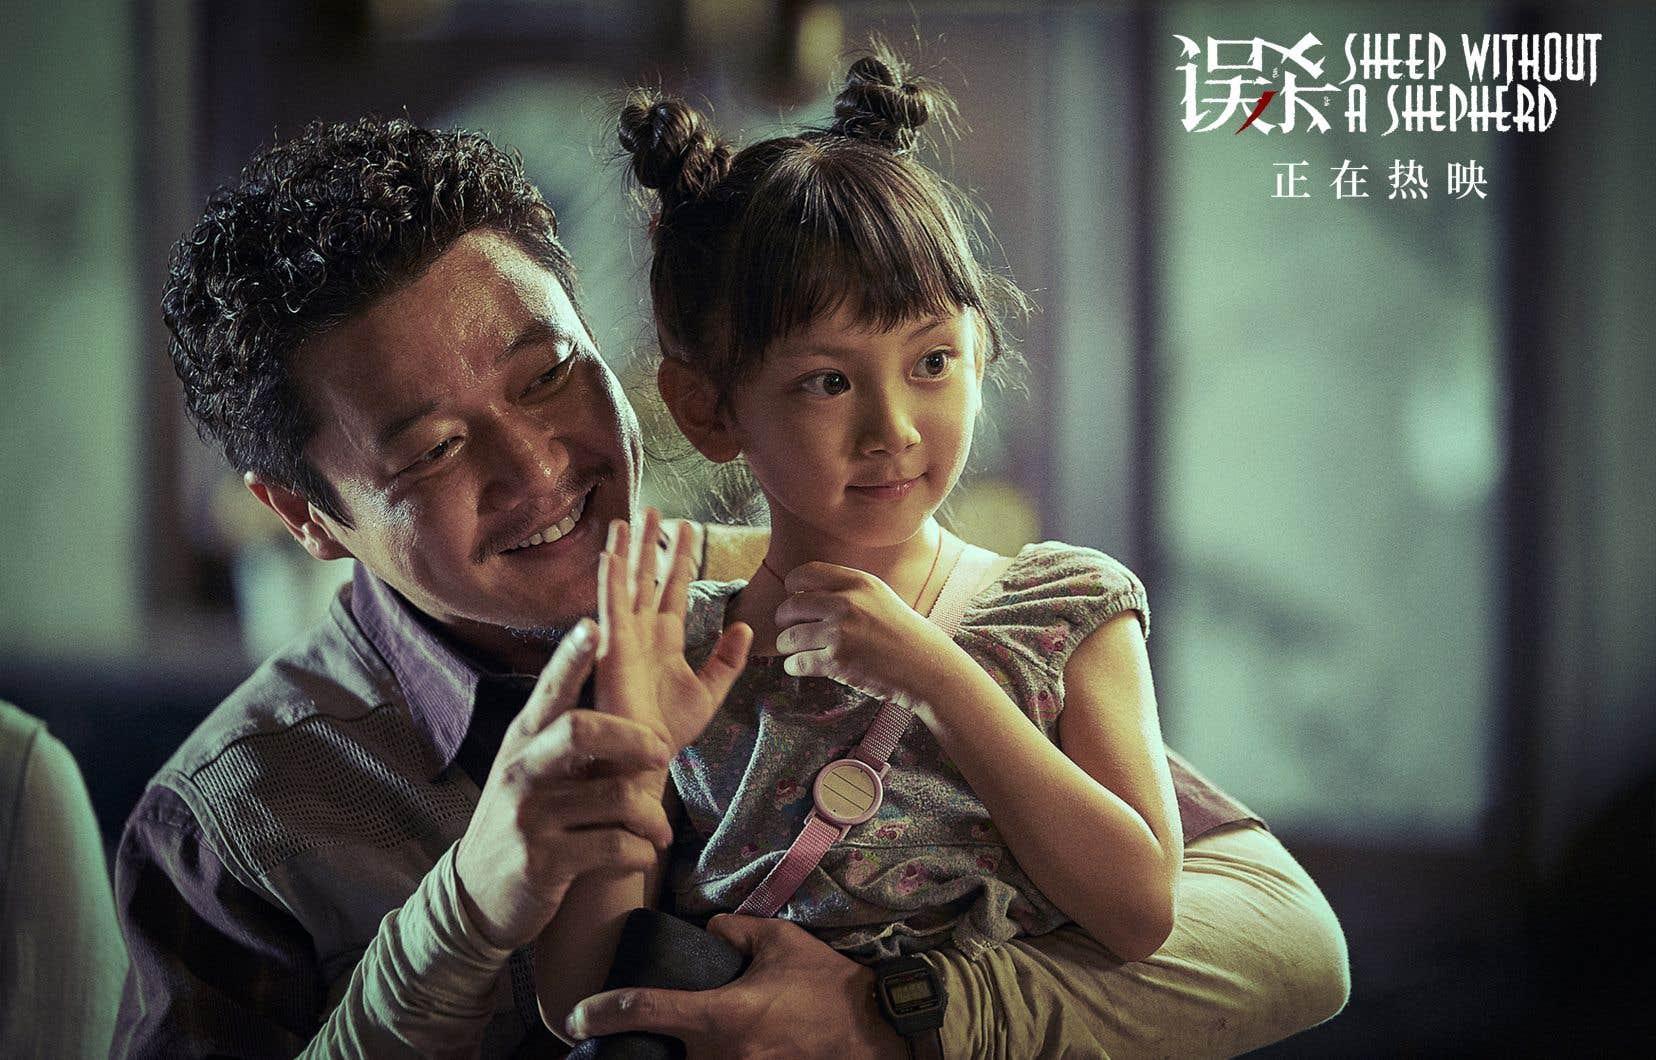 Le succès chinois de 2019 «Sheep Without A Shepherd» est l'une des valeurs sûres qui reprend l'affiche.